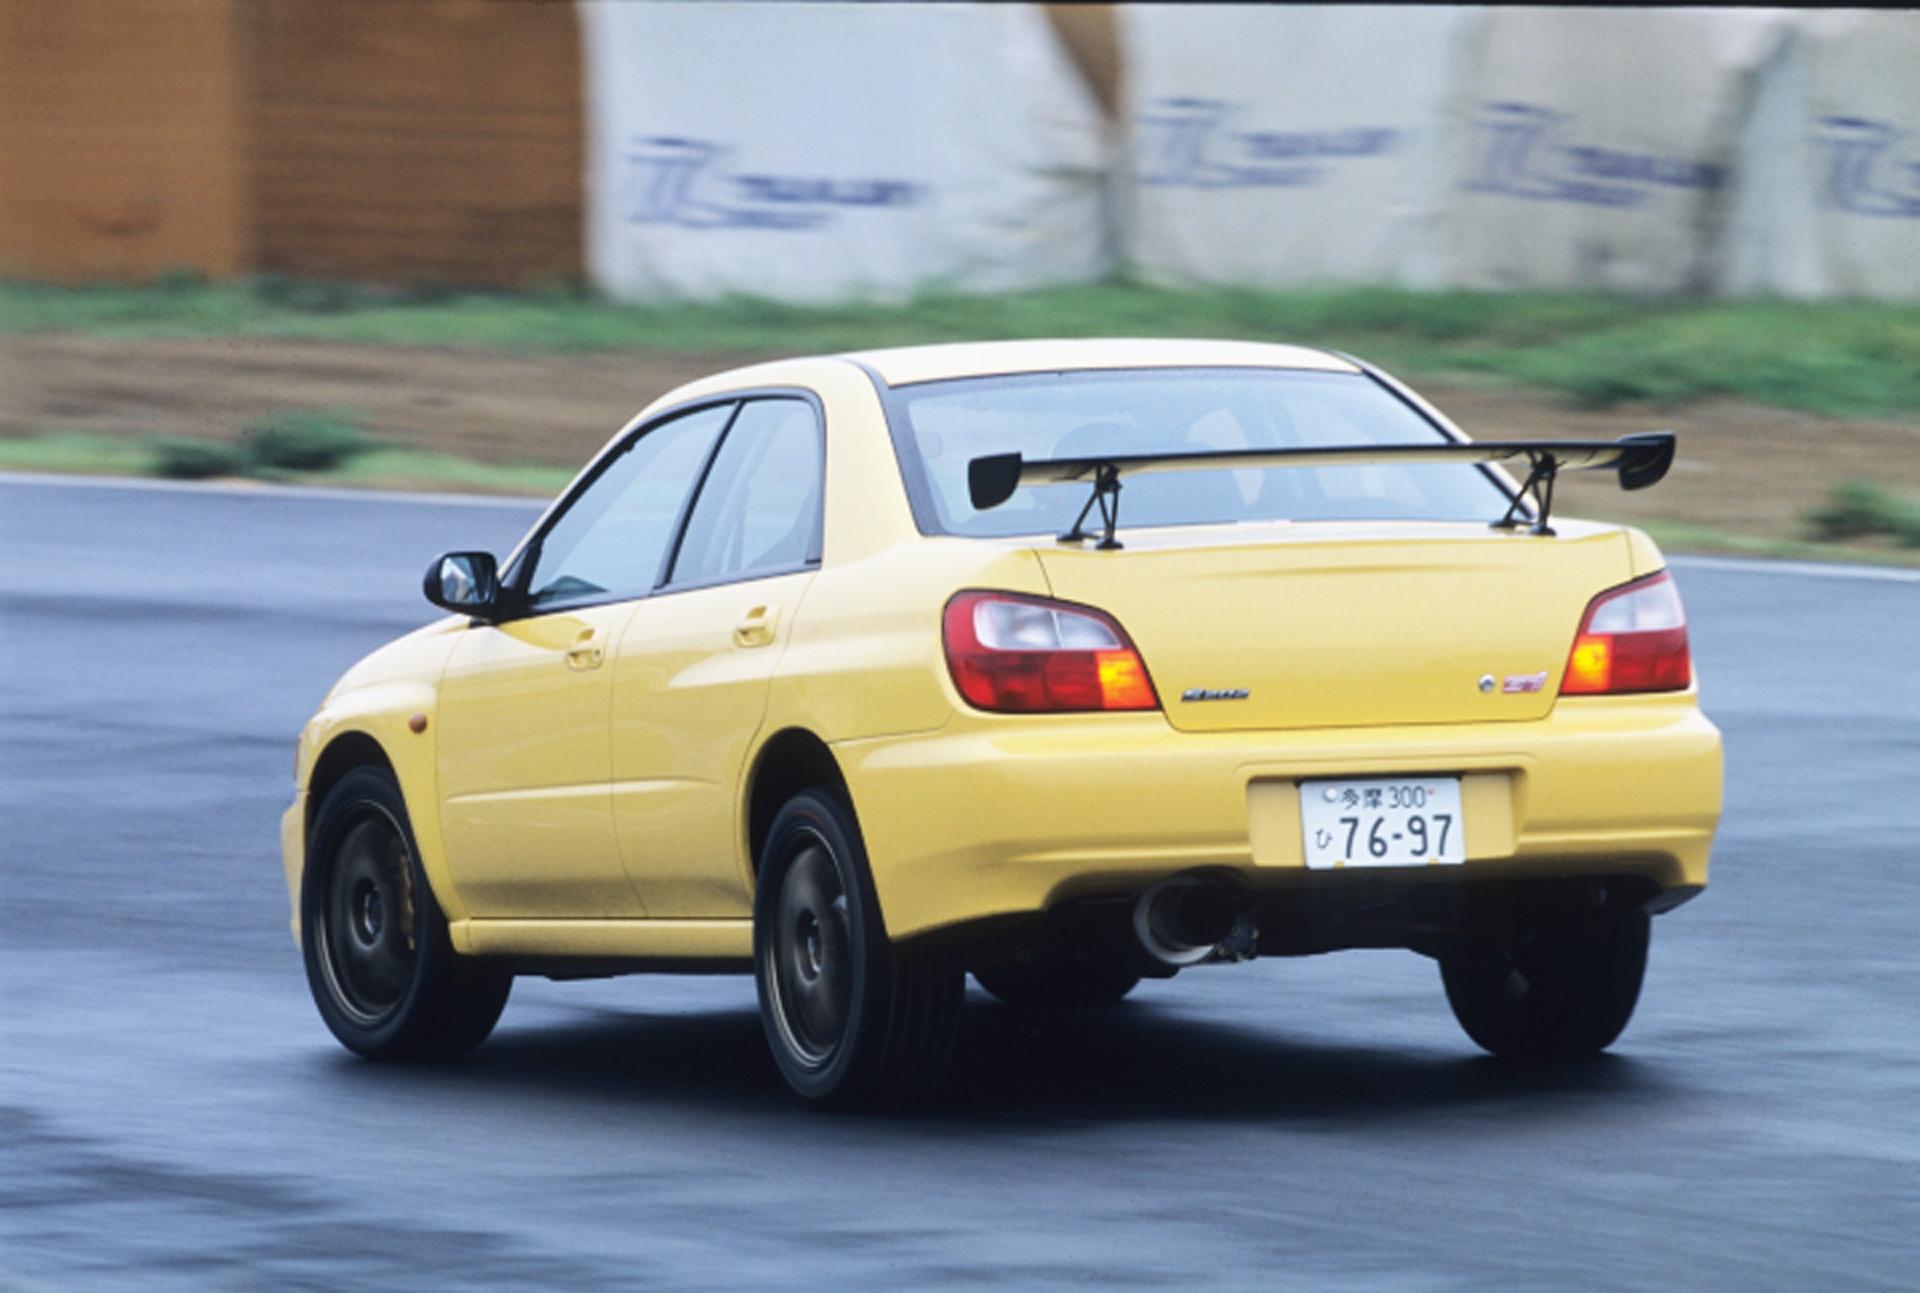 Subaru_Impreza_STI_S202_0000